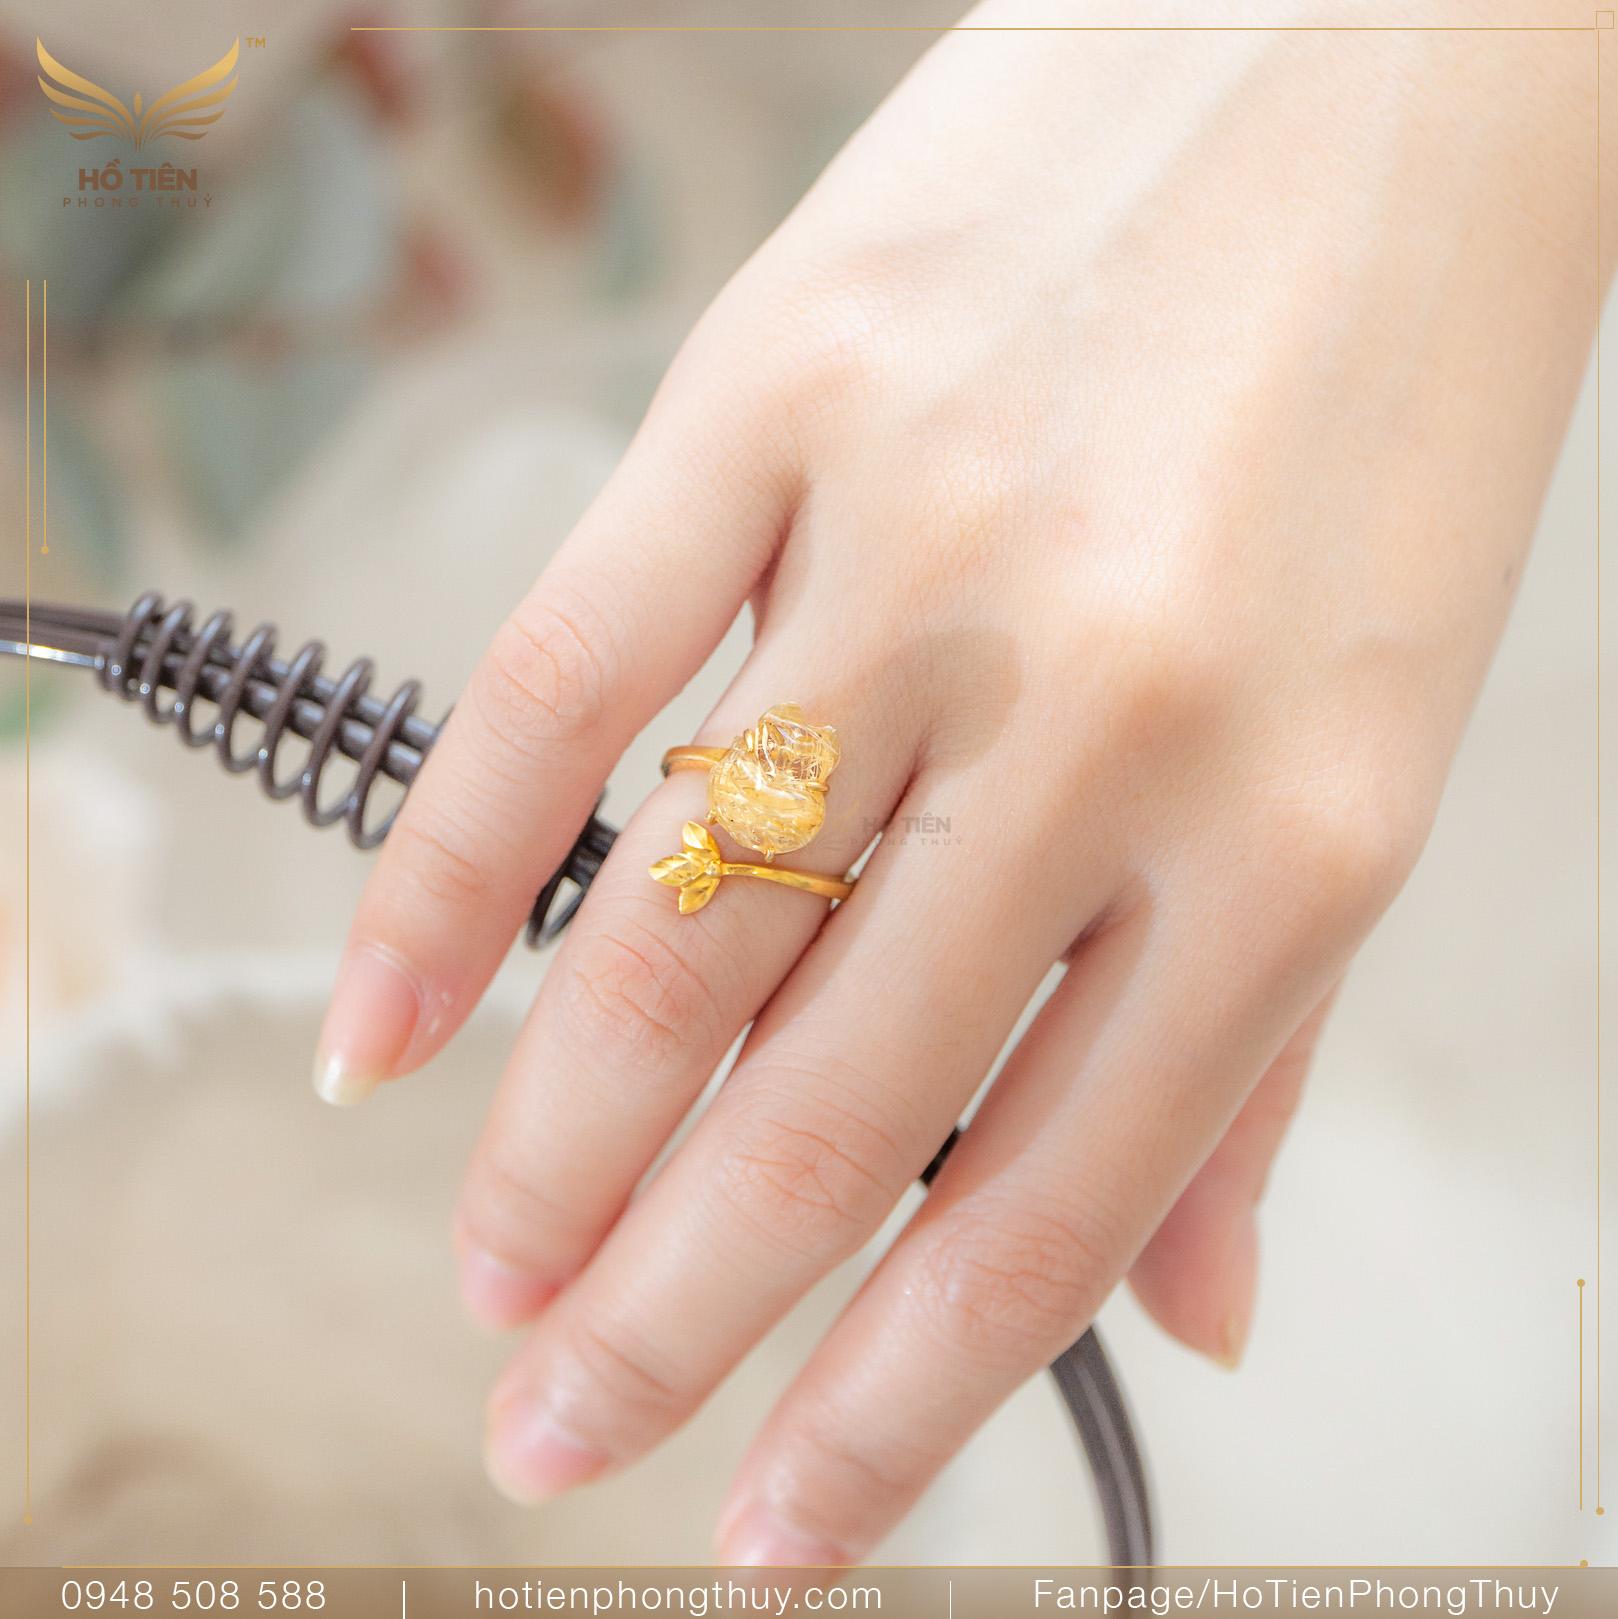 Nữ đeo nhẫn ngón áp út tay phải